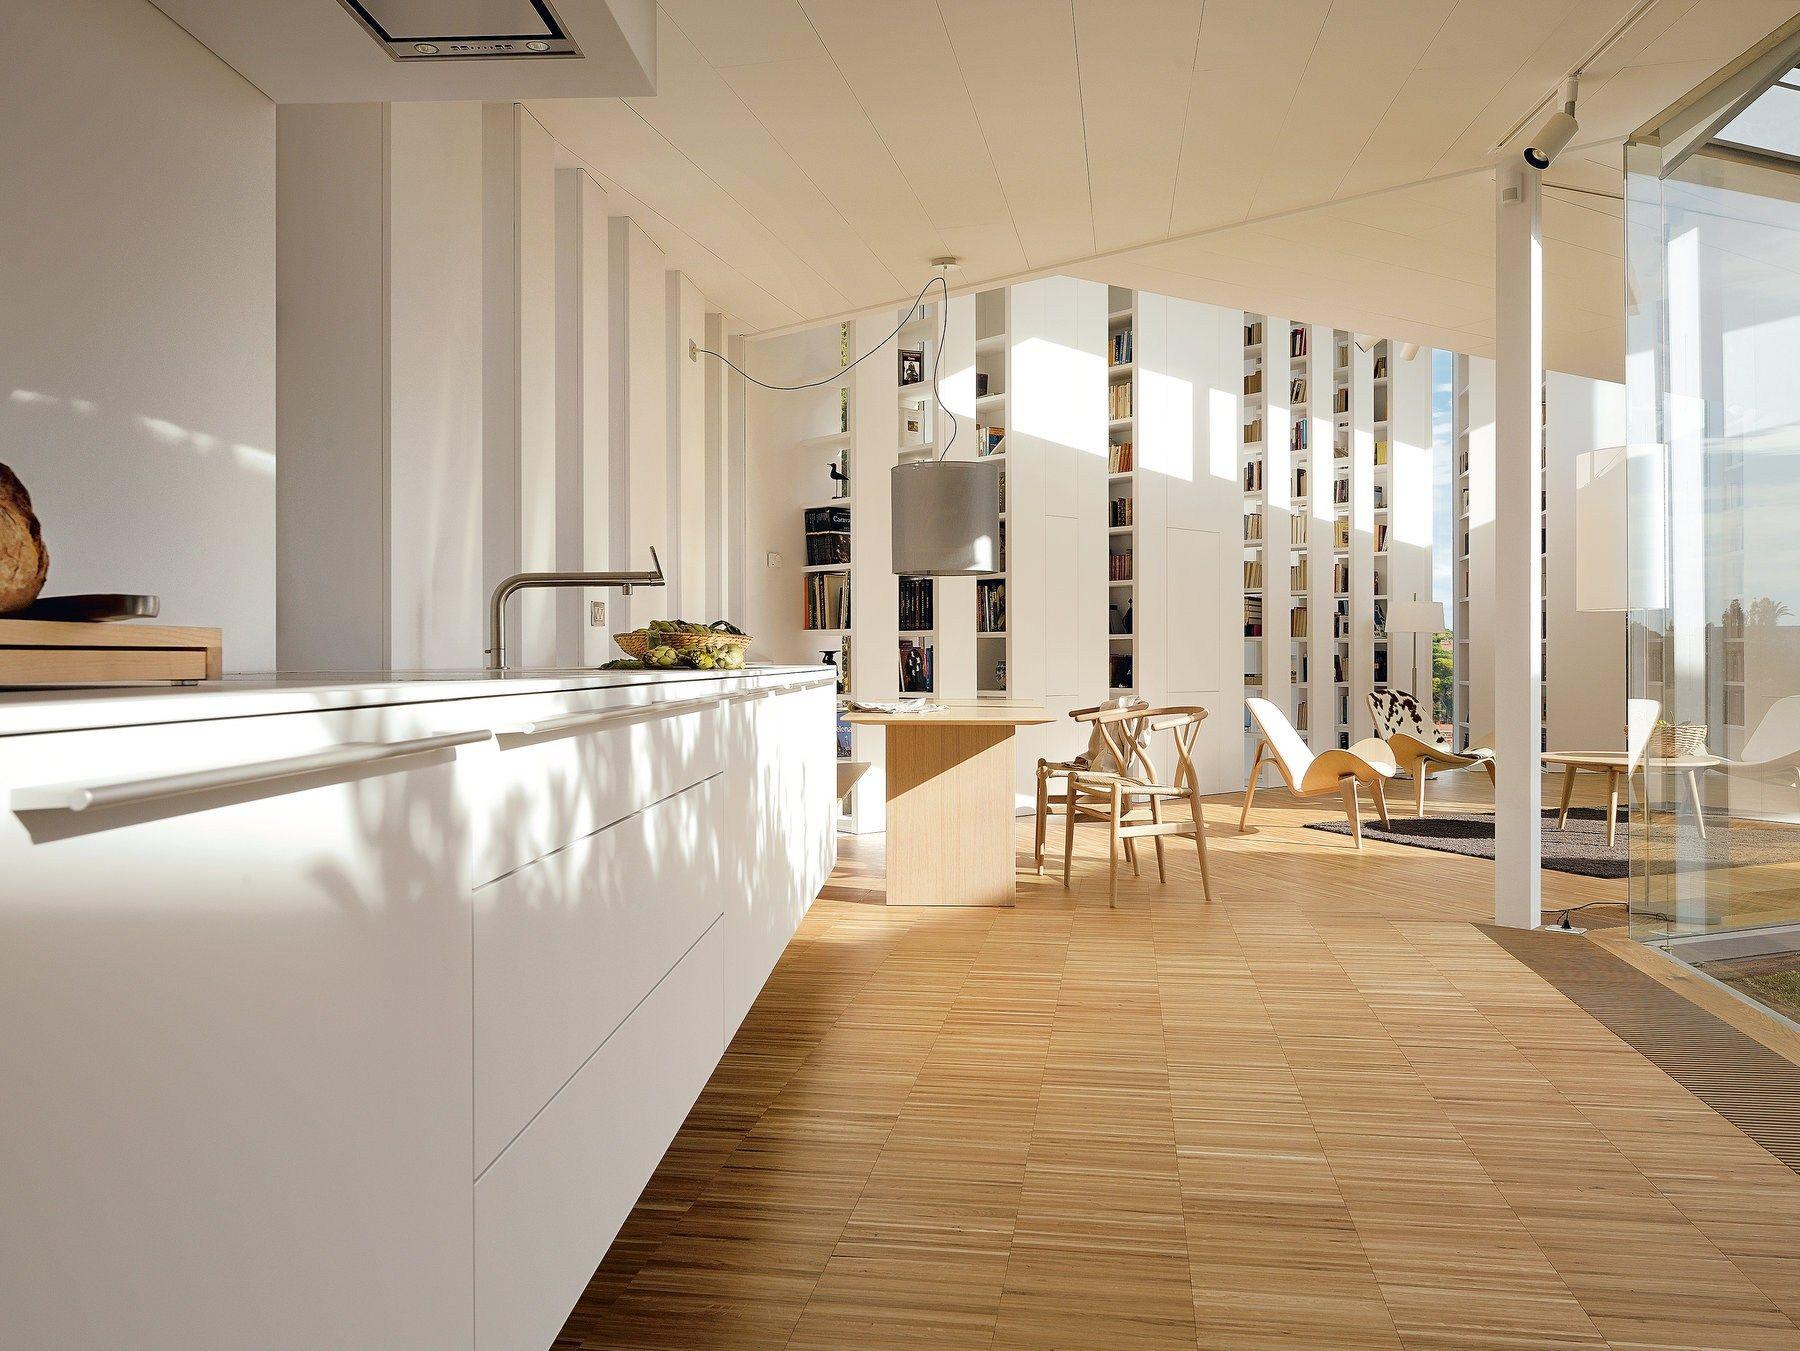 B3 cucina in laminato by bulthaup - Cuisine bulthaup ...